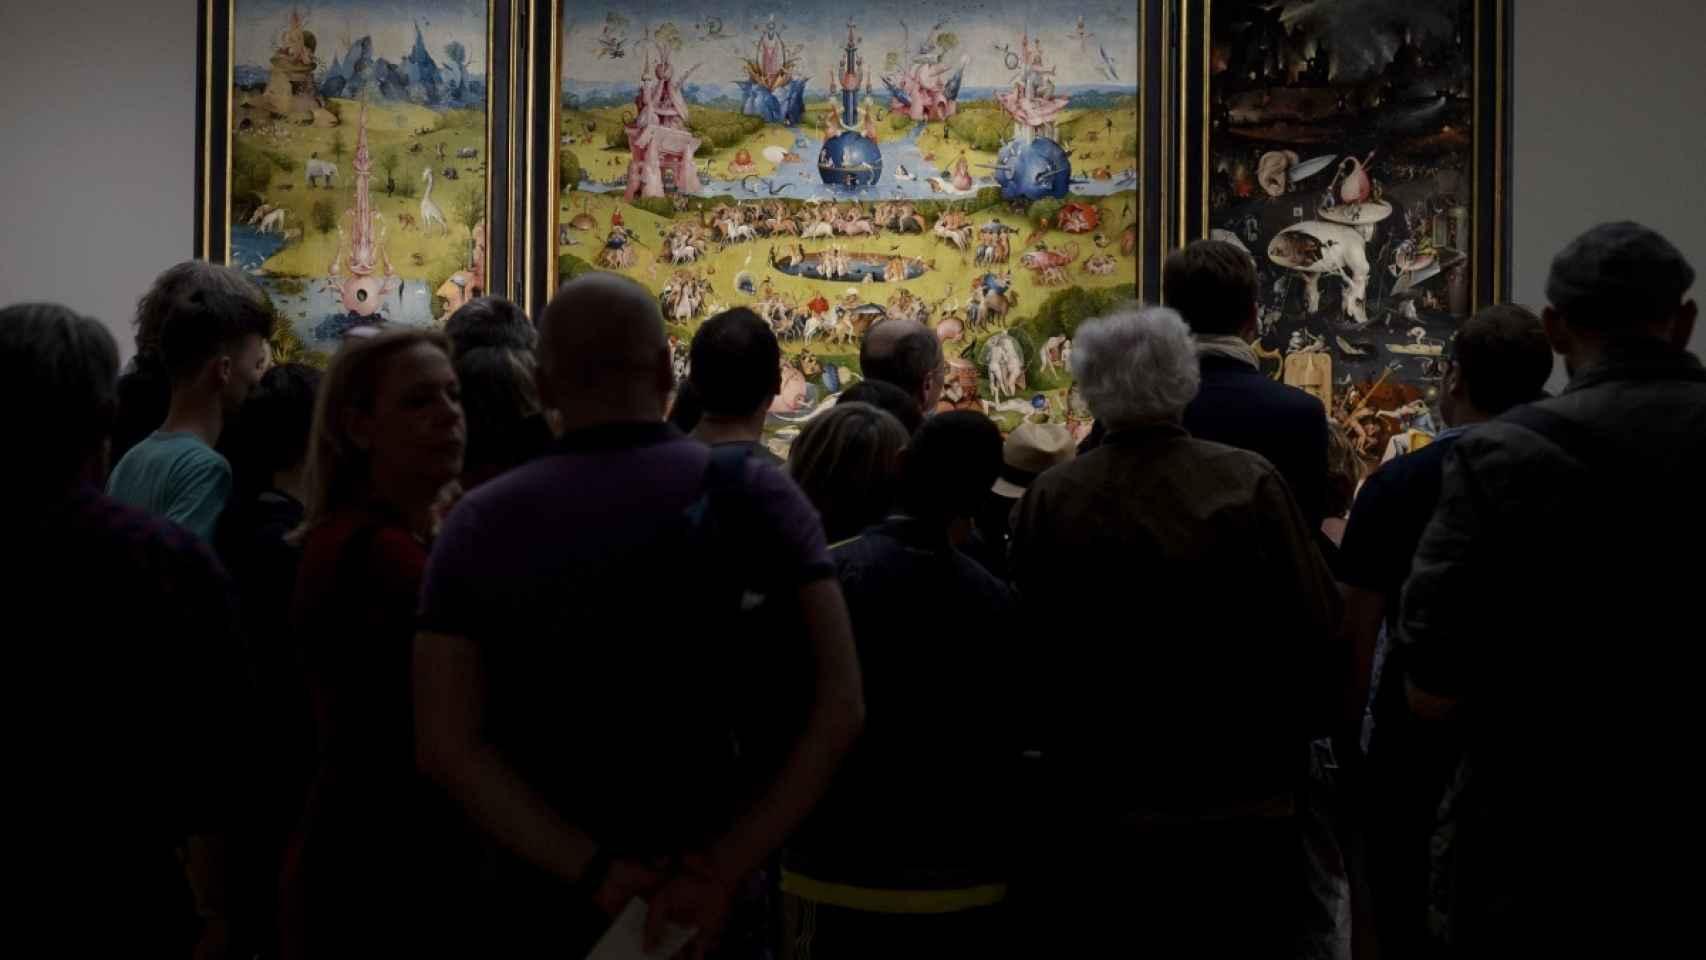 Visitantes amontonados frente al tríptico de El jardín de las delicias.